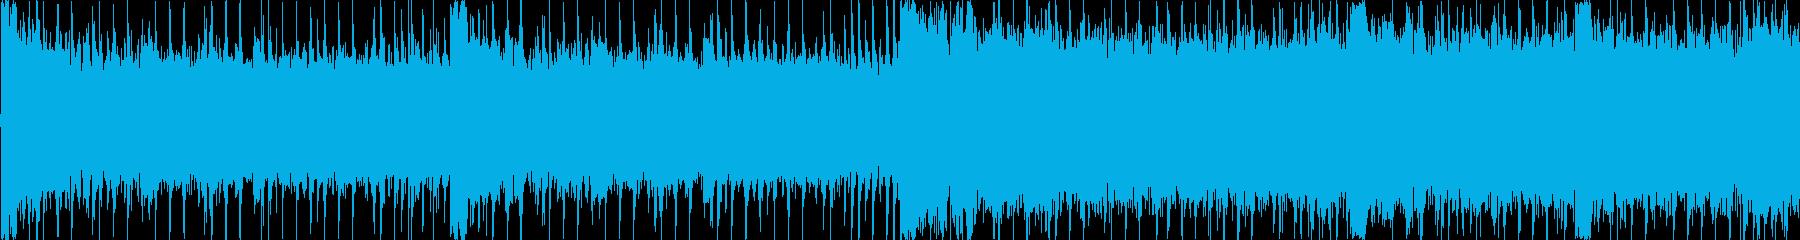 疾走感のあるロックなループ曲ですの再生済みの波形